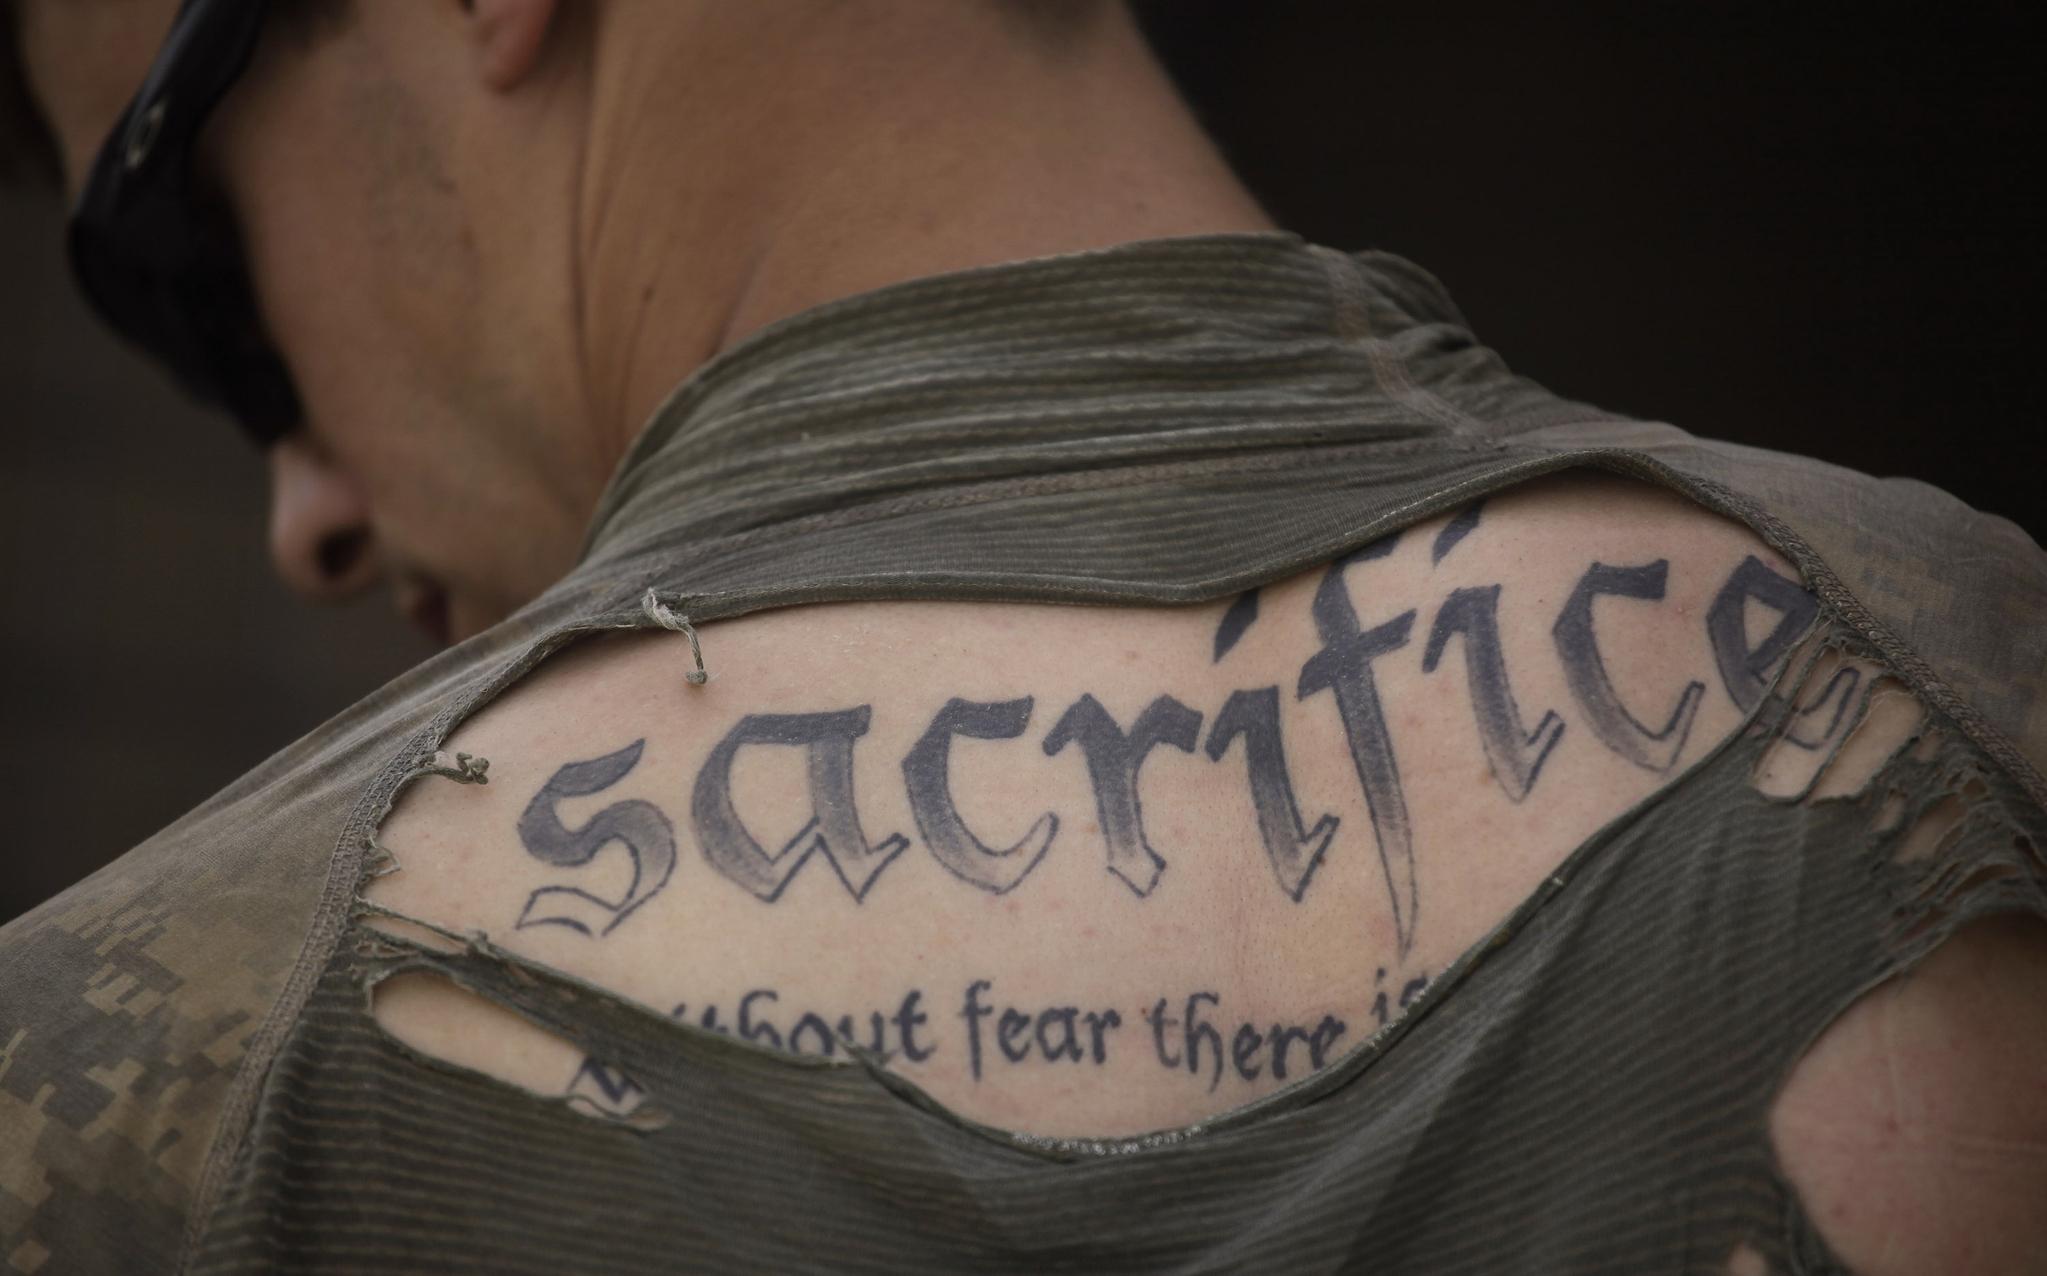 """2010년 5월 8일 아프간 칸다하르 주에서 도보 순찰을 마치고 돌아온 미국 뉴욕 로체스트 출신 육군 병장 제임스 윌키스의 등에 새겨진 타투. """"희생. 두려움이 없으면 용기도 없다(Sacrifice. Without fear there is no courage)""""고 썼다. AP=연합뉴스"""